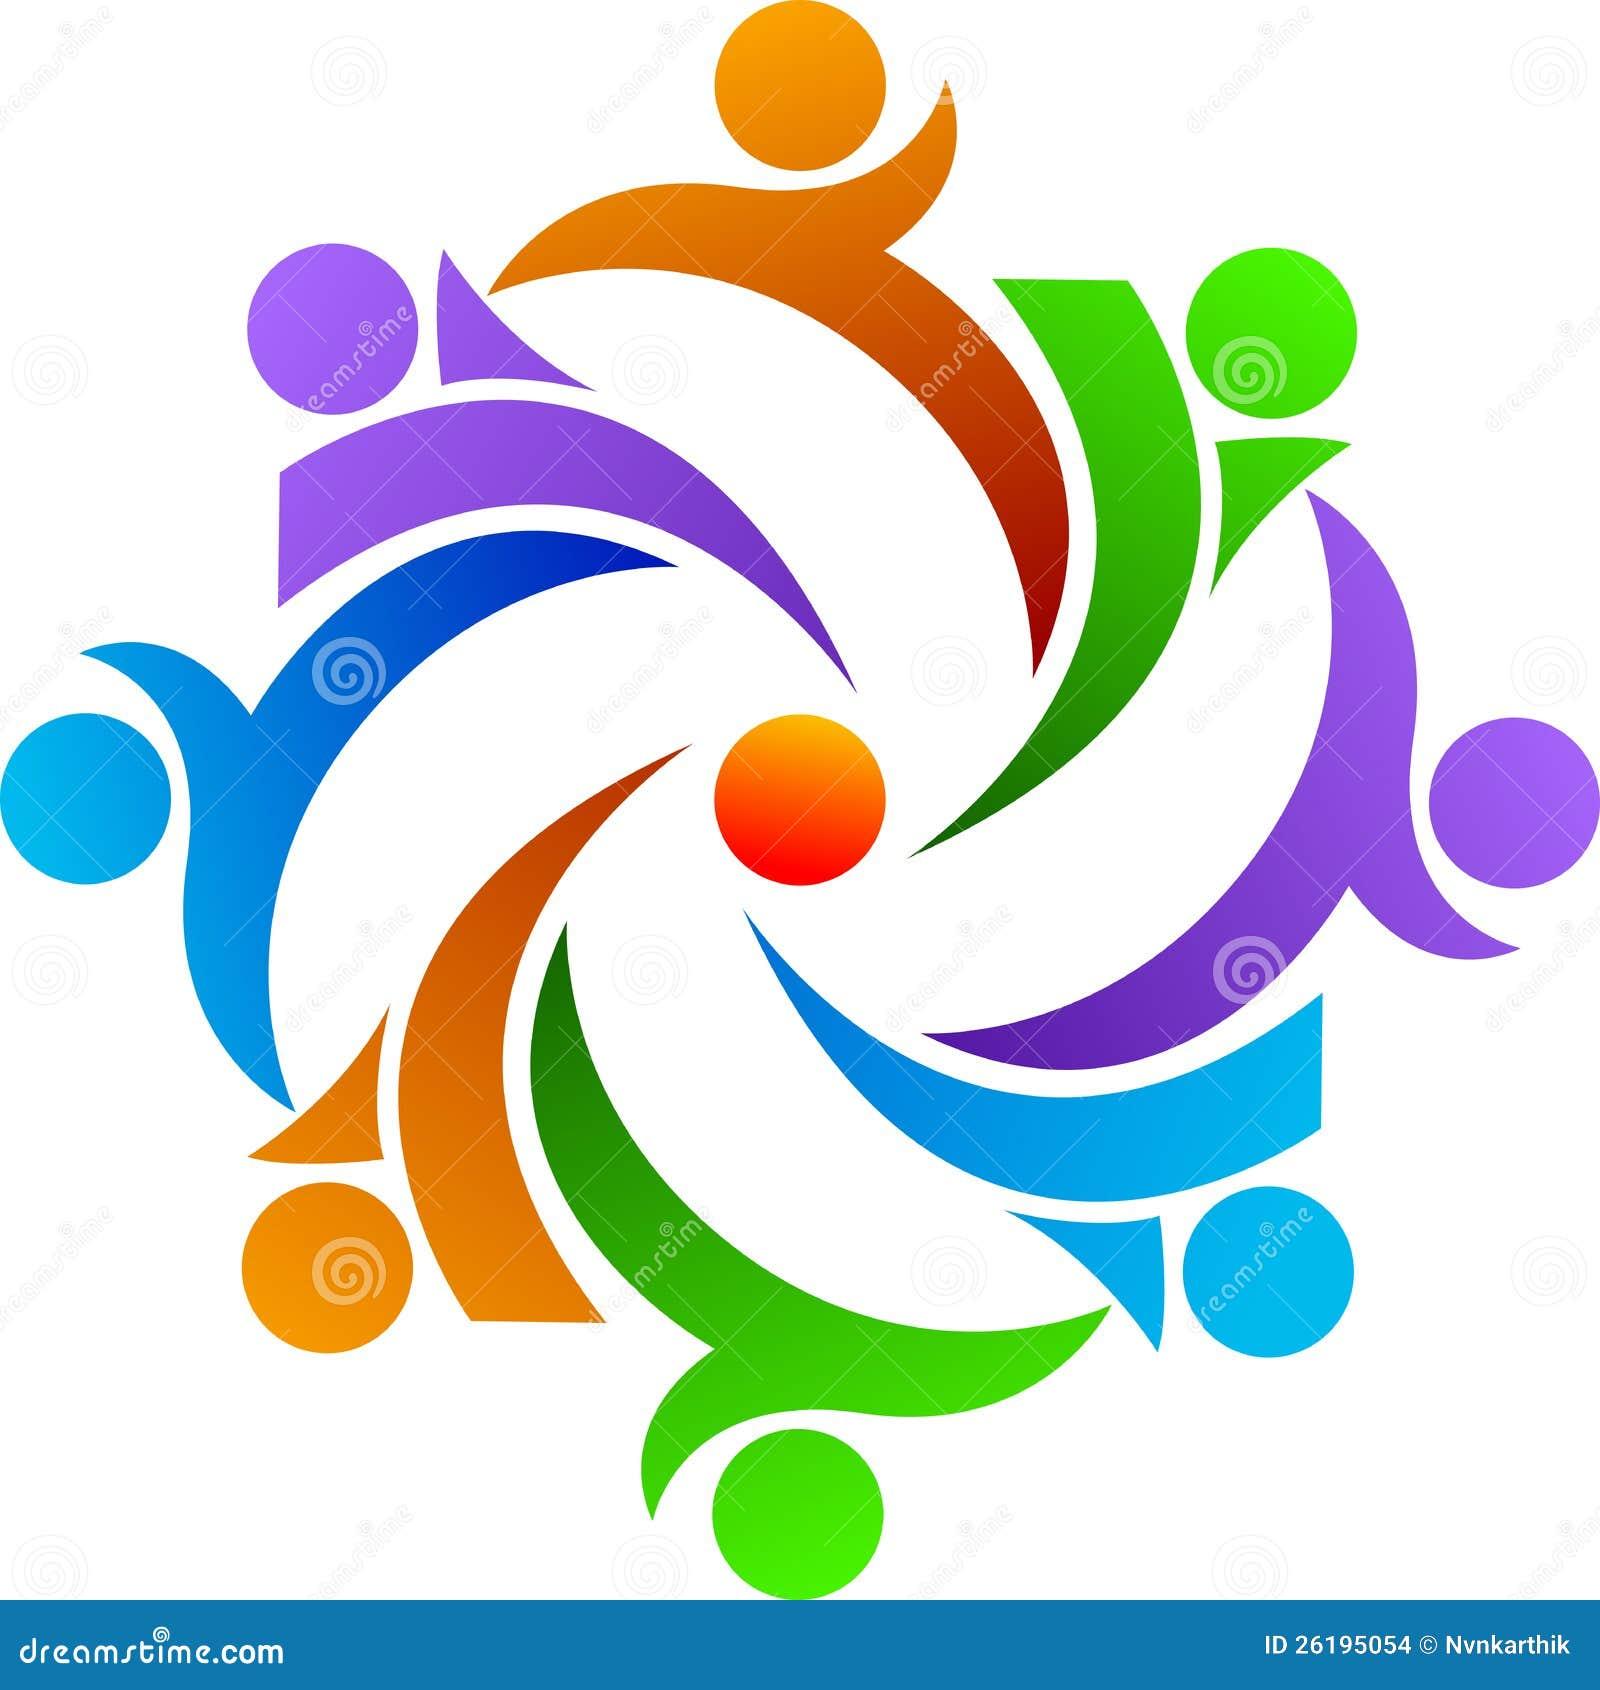 Teamwork logo stock vector illustration of couple for Logo clipart